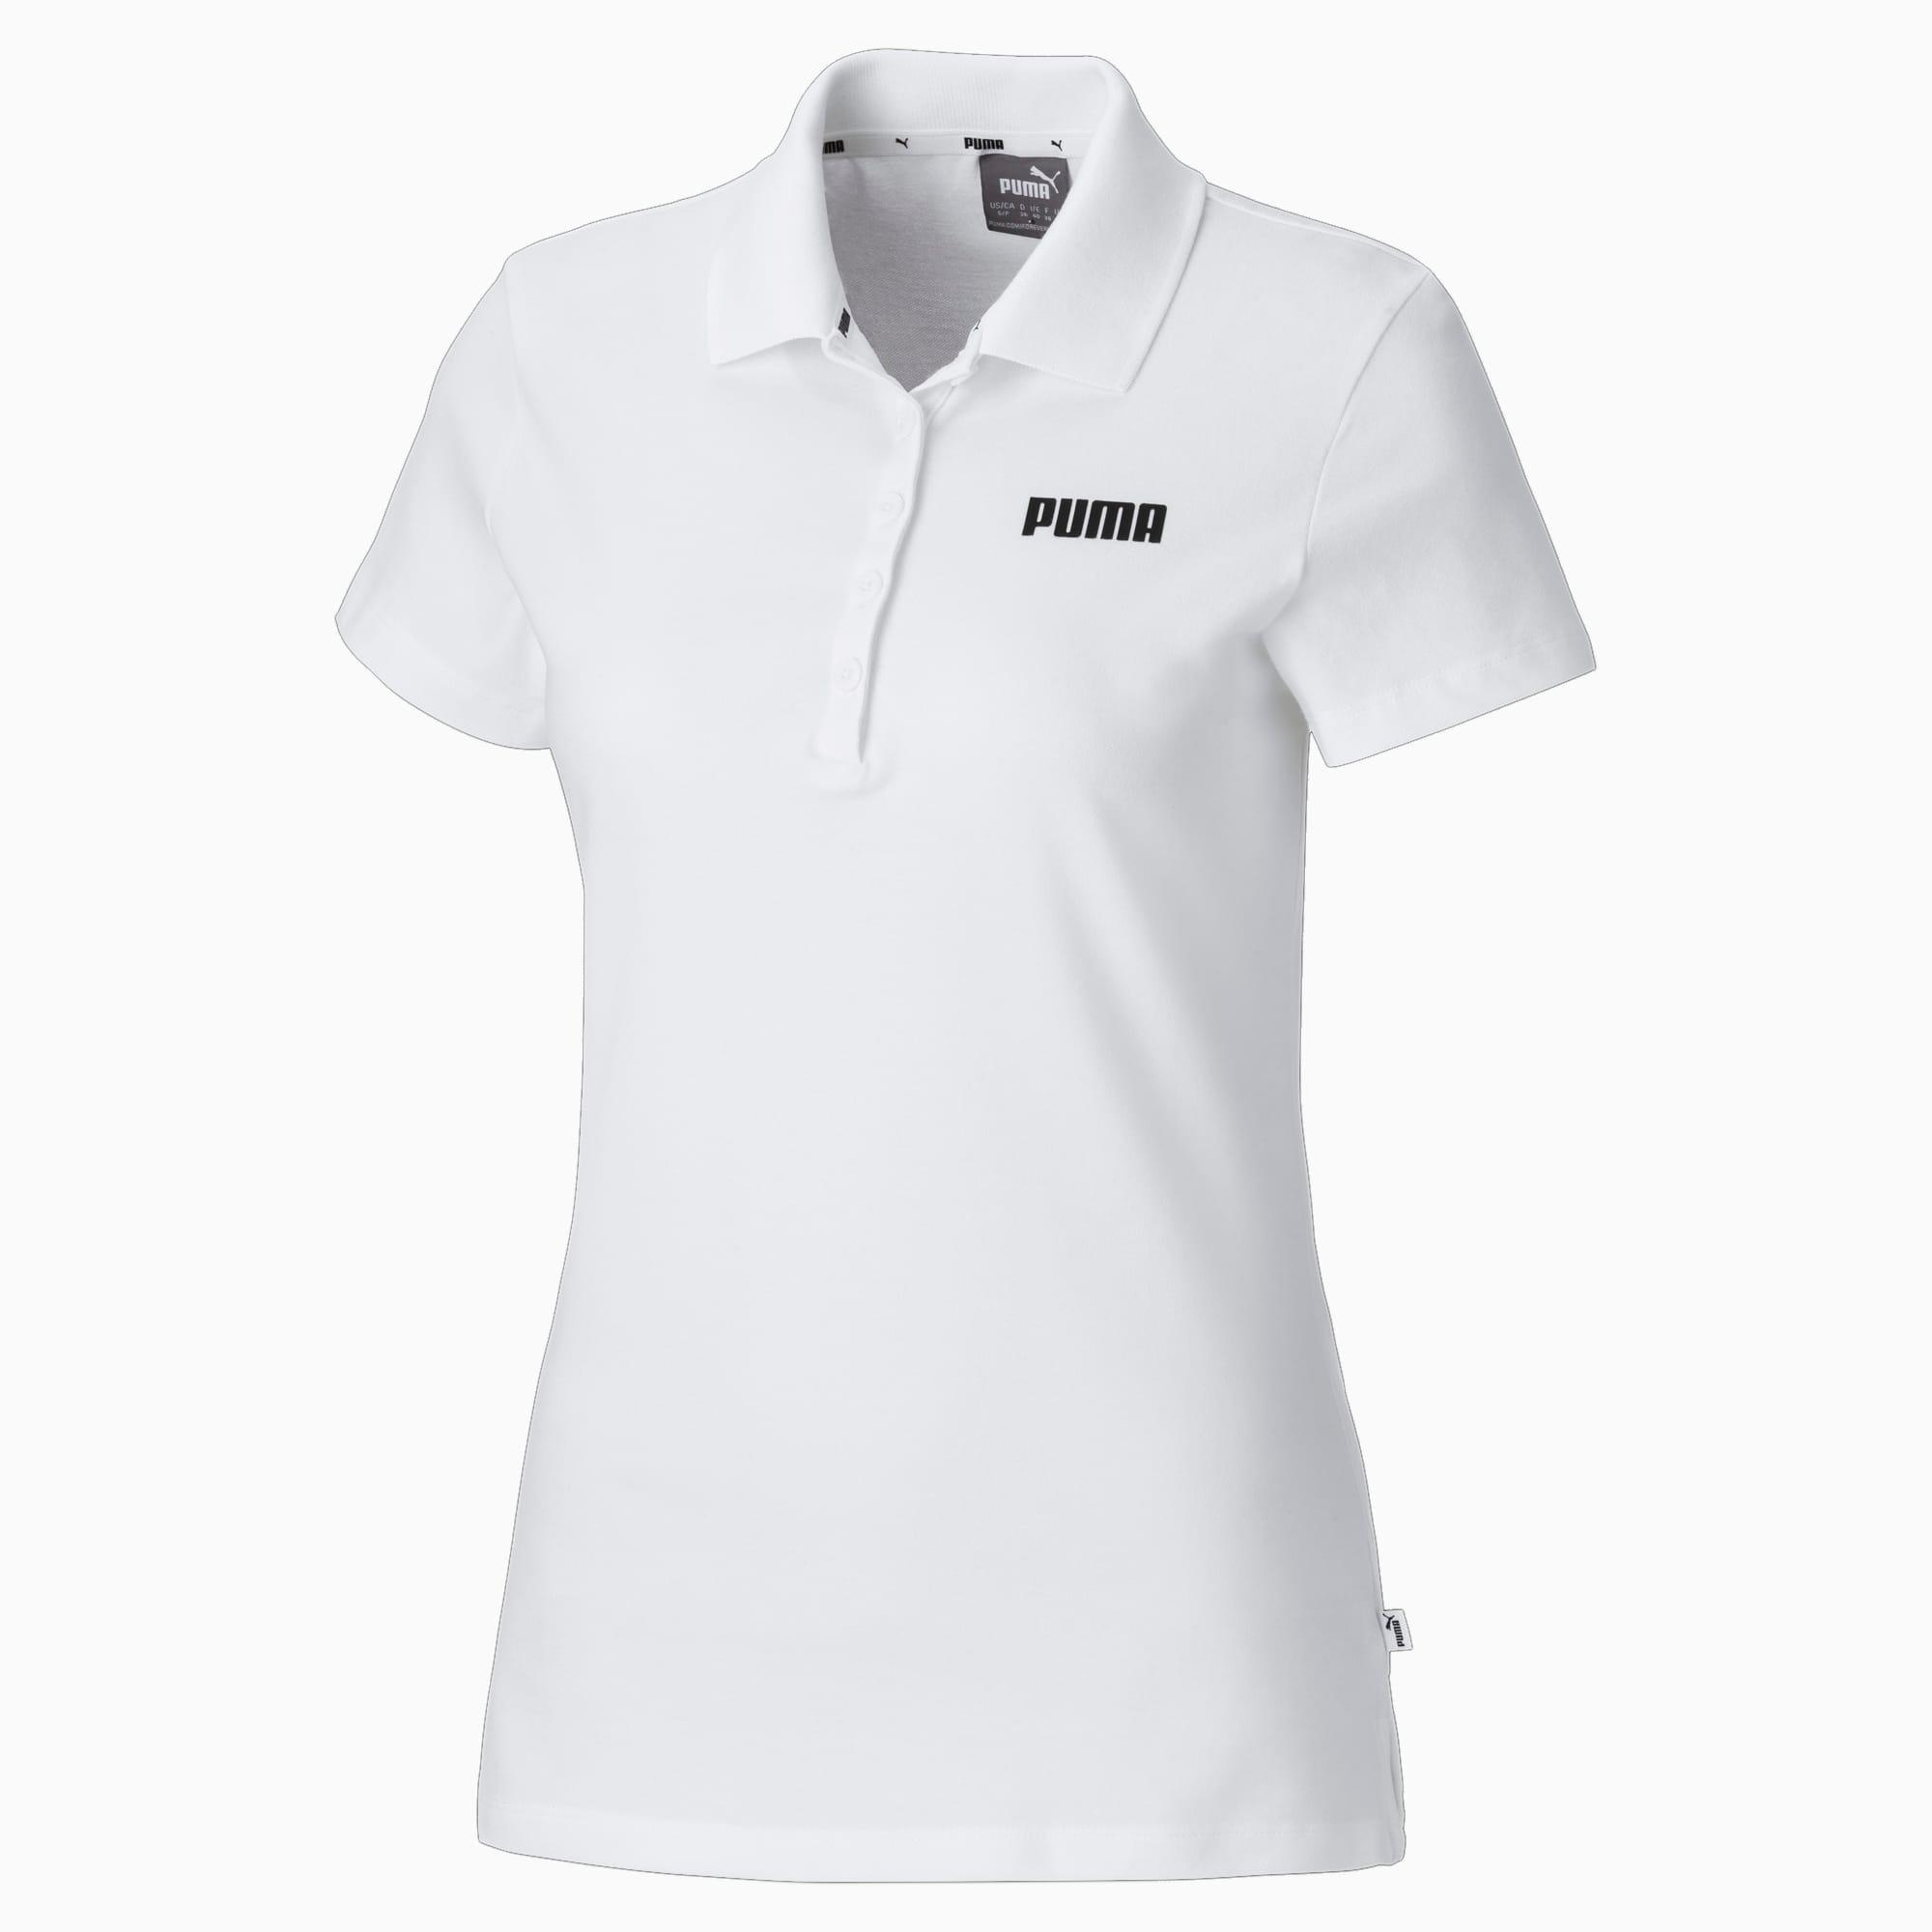 cosa imperdonable huella  Polo para mujer Essentials   Puma White   PUMA Shoes   PUMA España